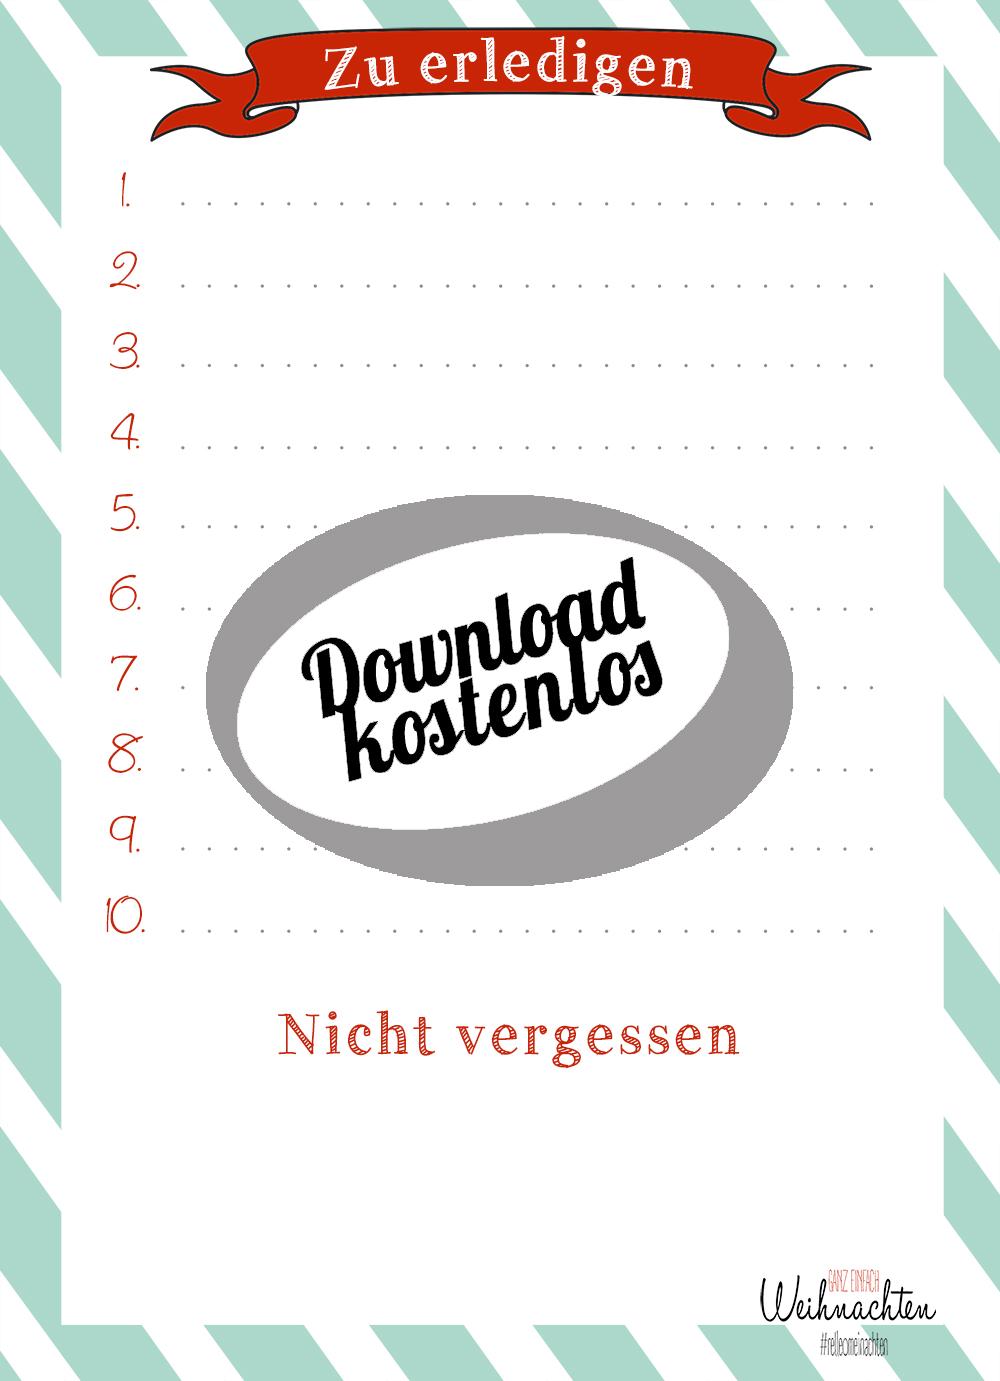 Todo Liste als kostenloser Download - Weihnachtsliste   relleomein.de